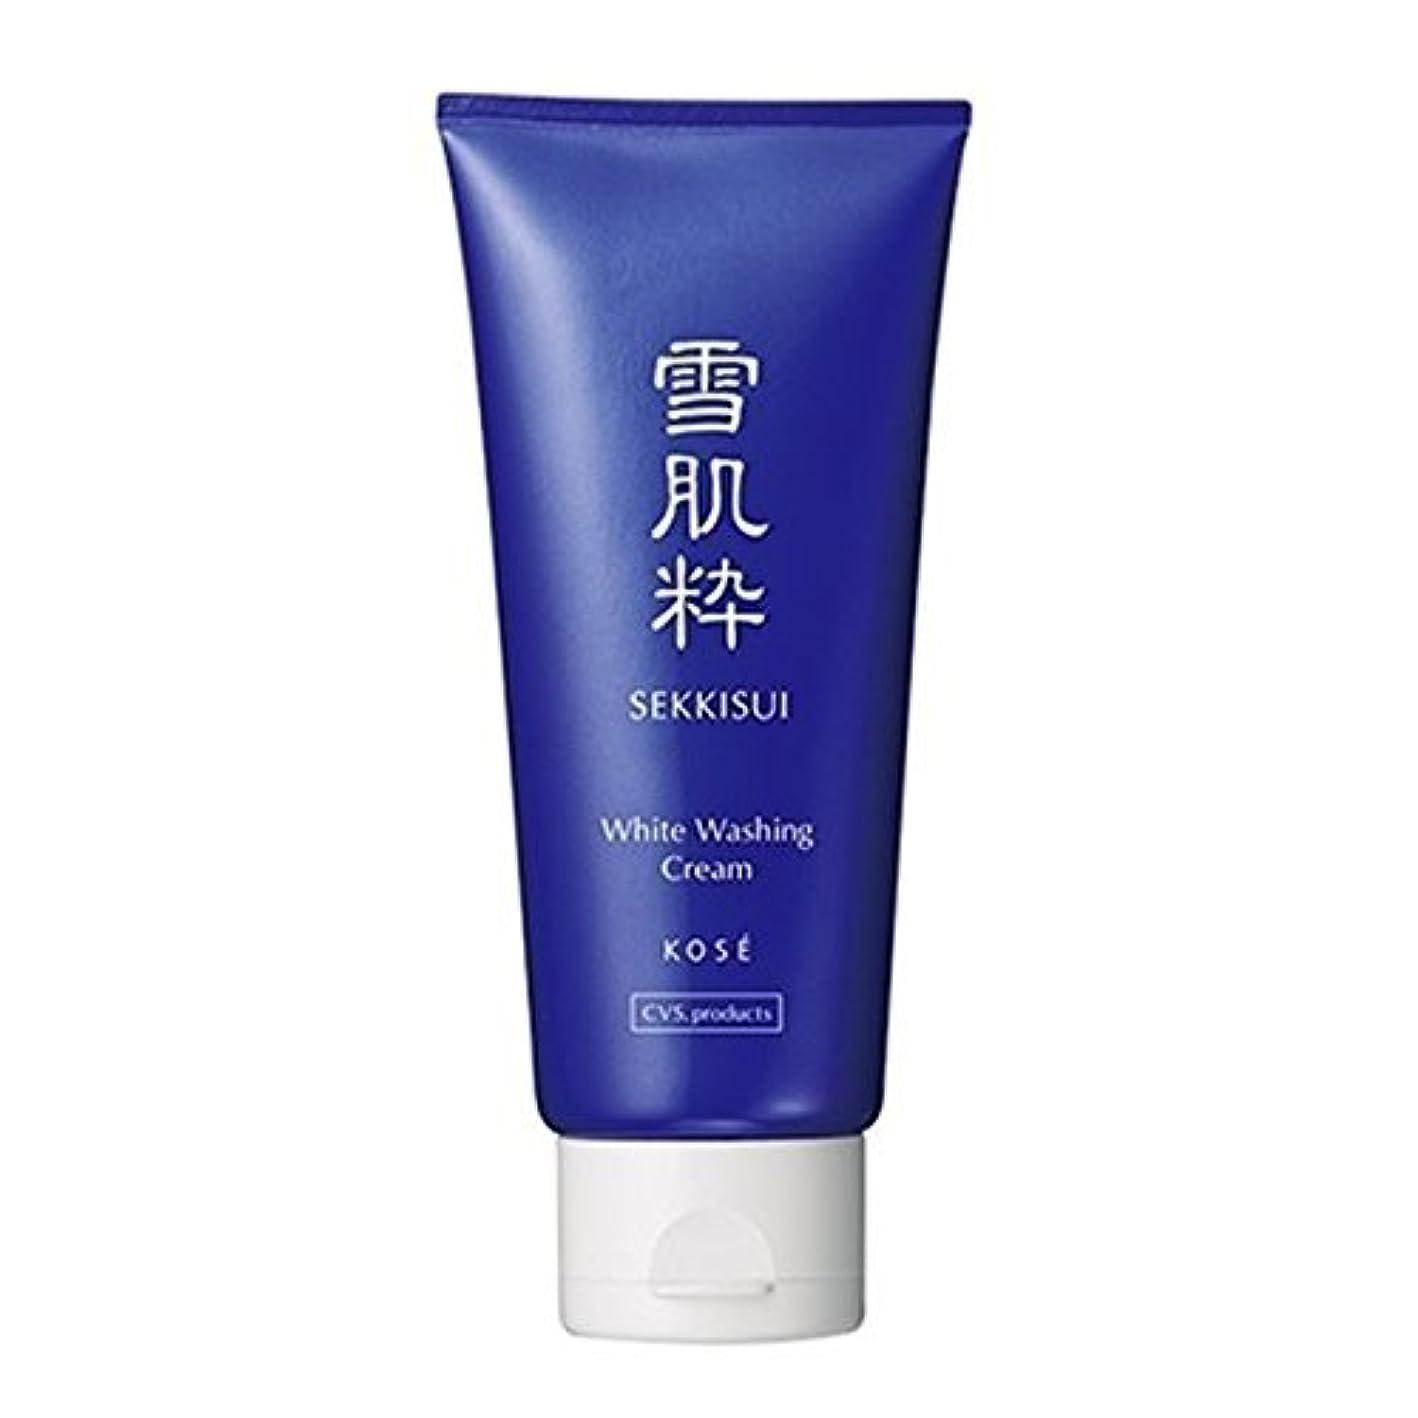 意志ひばり餌コーセー 雪肌粋 ホワイト洗顔クリーム Kose Sekkisui White Washing Cream 80g×3本